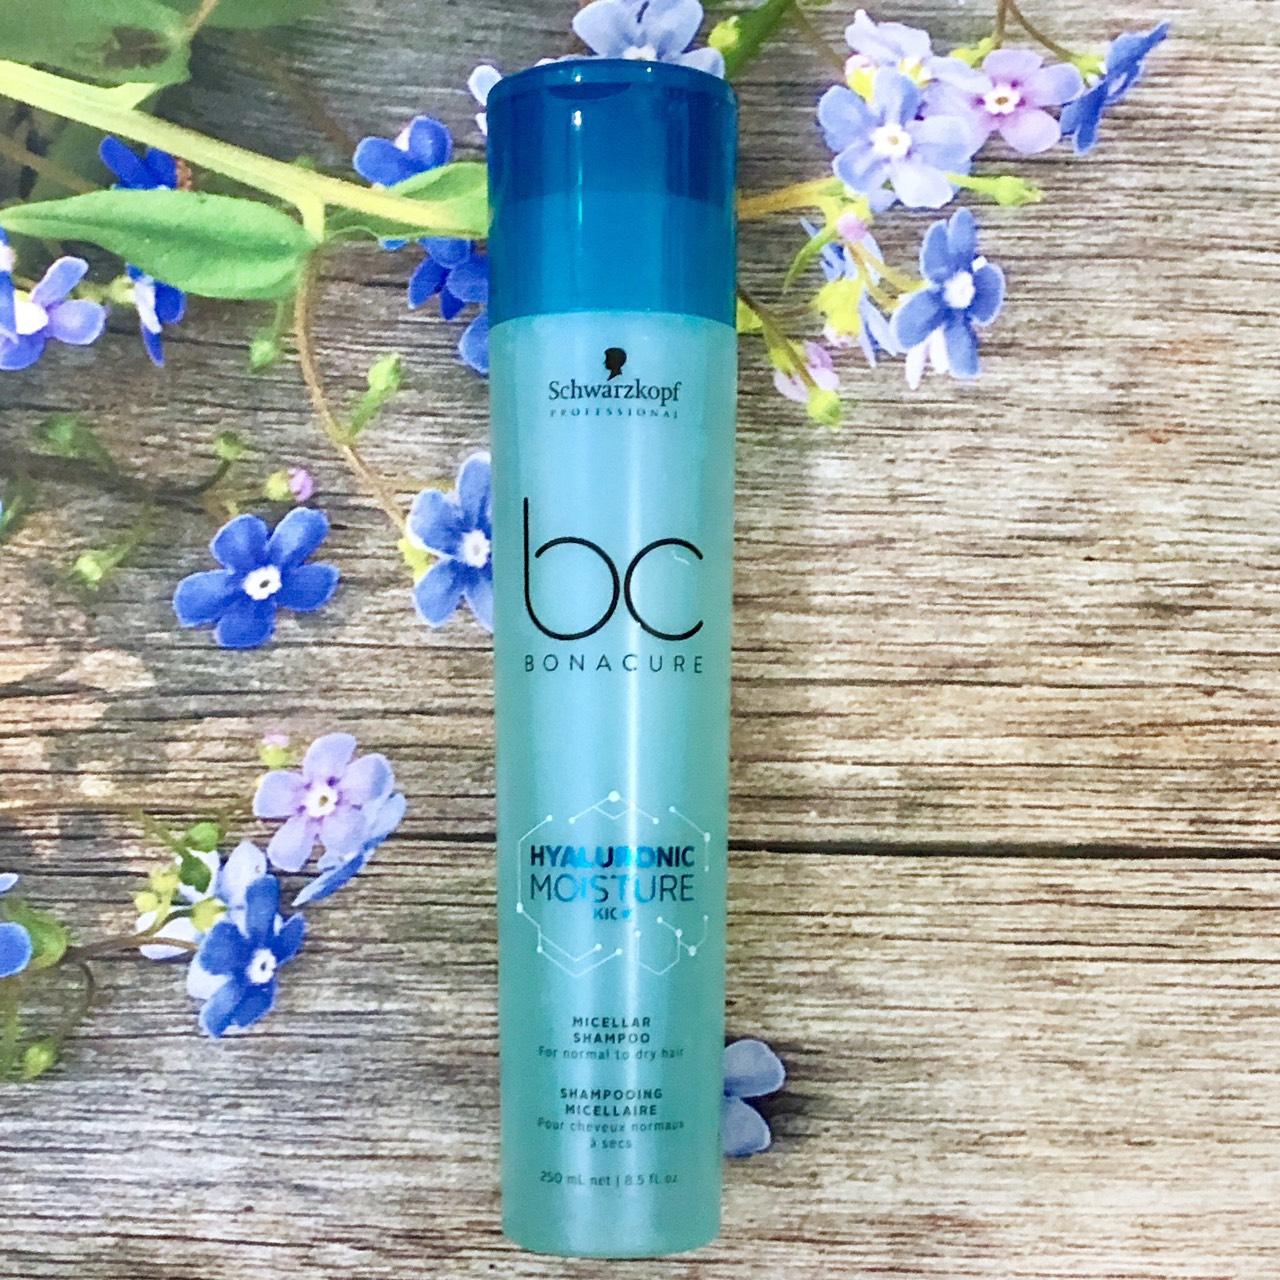 Dầu gội Schwarzkopf BC Bonacure Hualuron Moisture Kick Micellar shampoo giữ ẩm tóc khô giòn và xoăn Đức 250ml